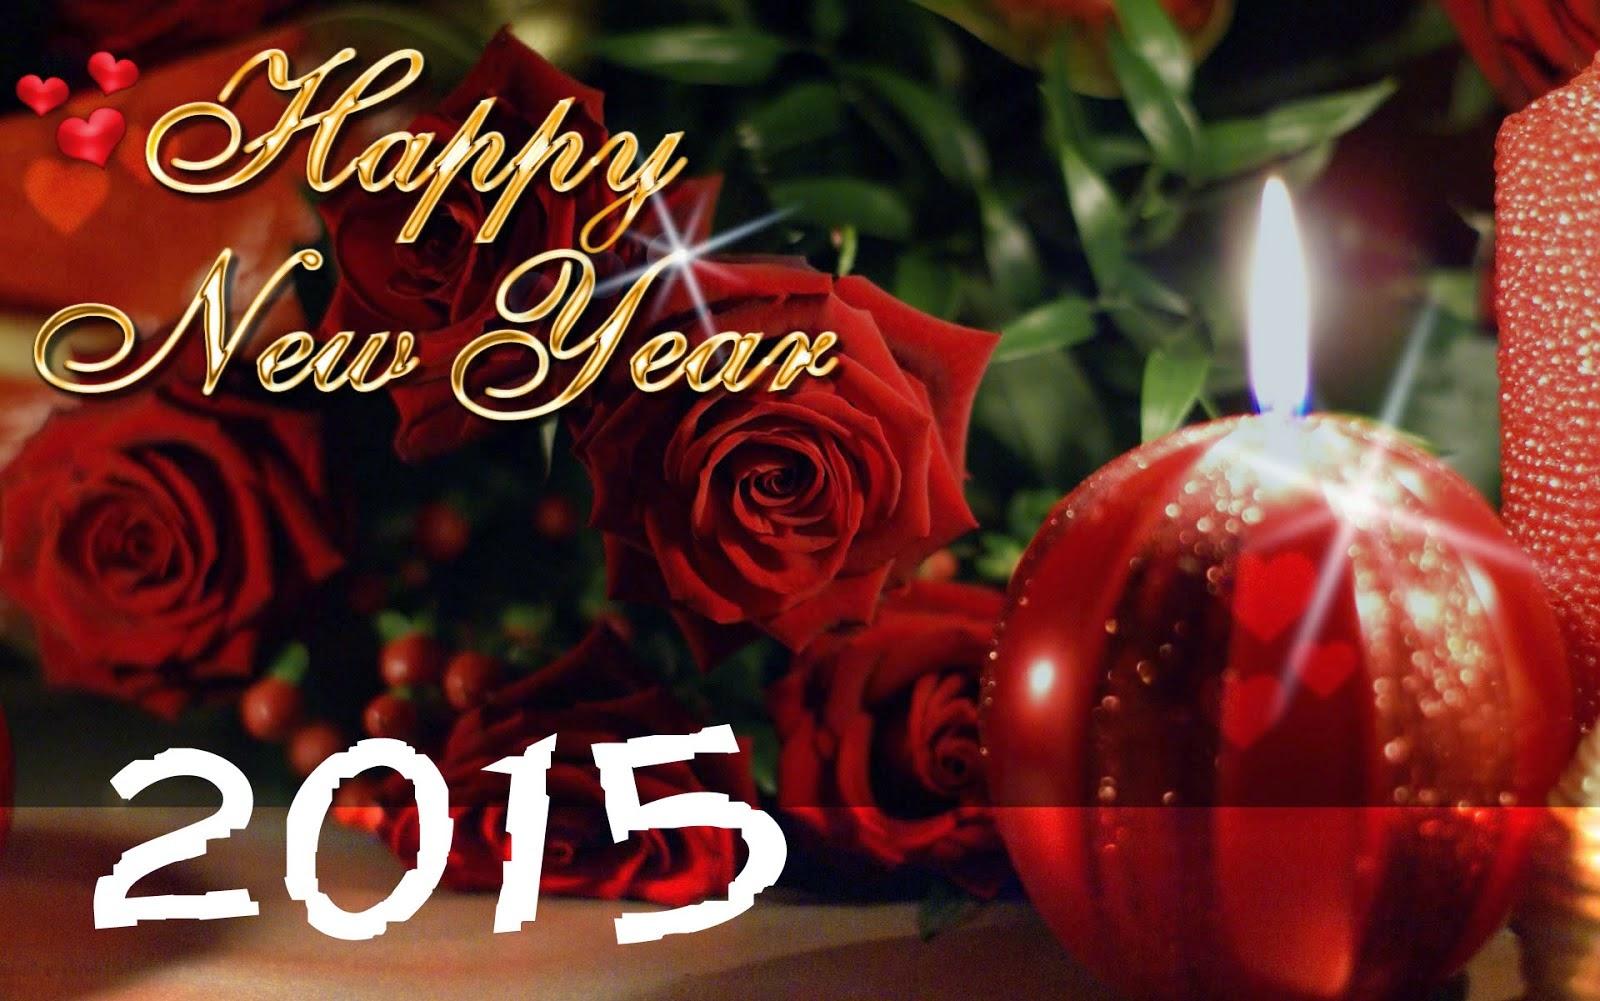 Bienvenido 2015 Sms y feliz año nuevo 2015